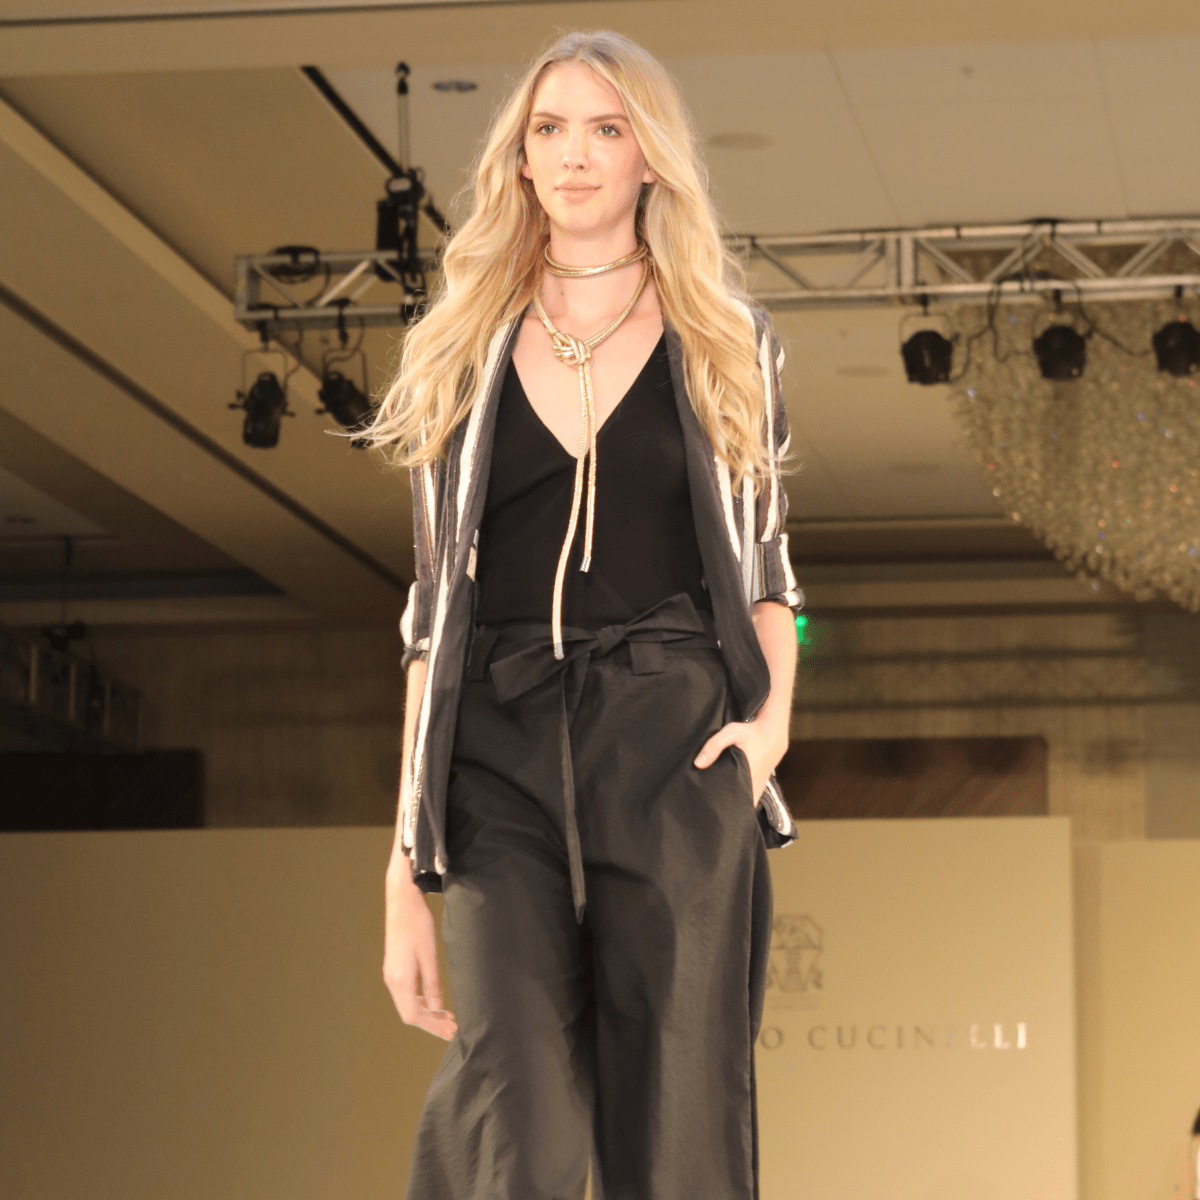 Brunello Cucinelli runway show at Best Dressed Luncheon 2017